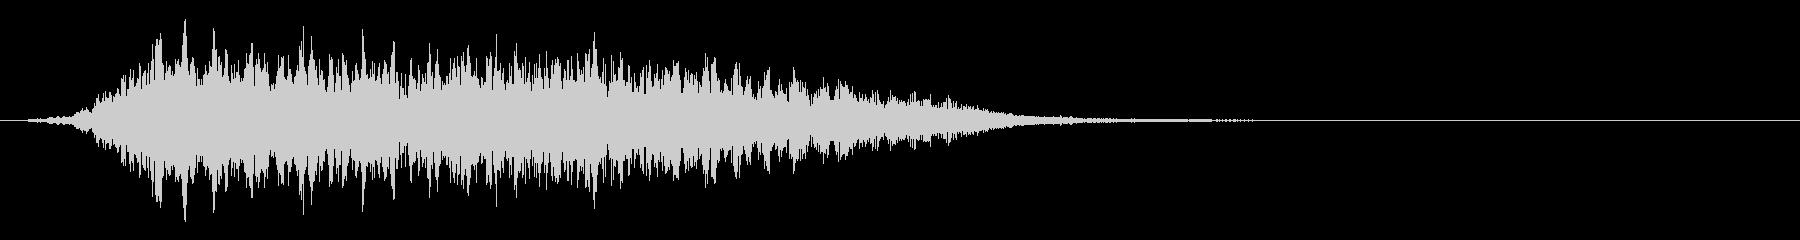 神秘的な不気味なエアリーロゴの未再生の波形